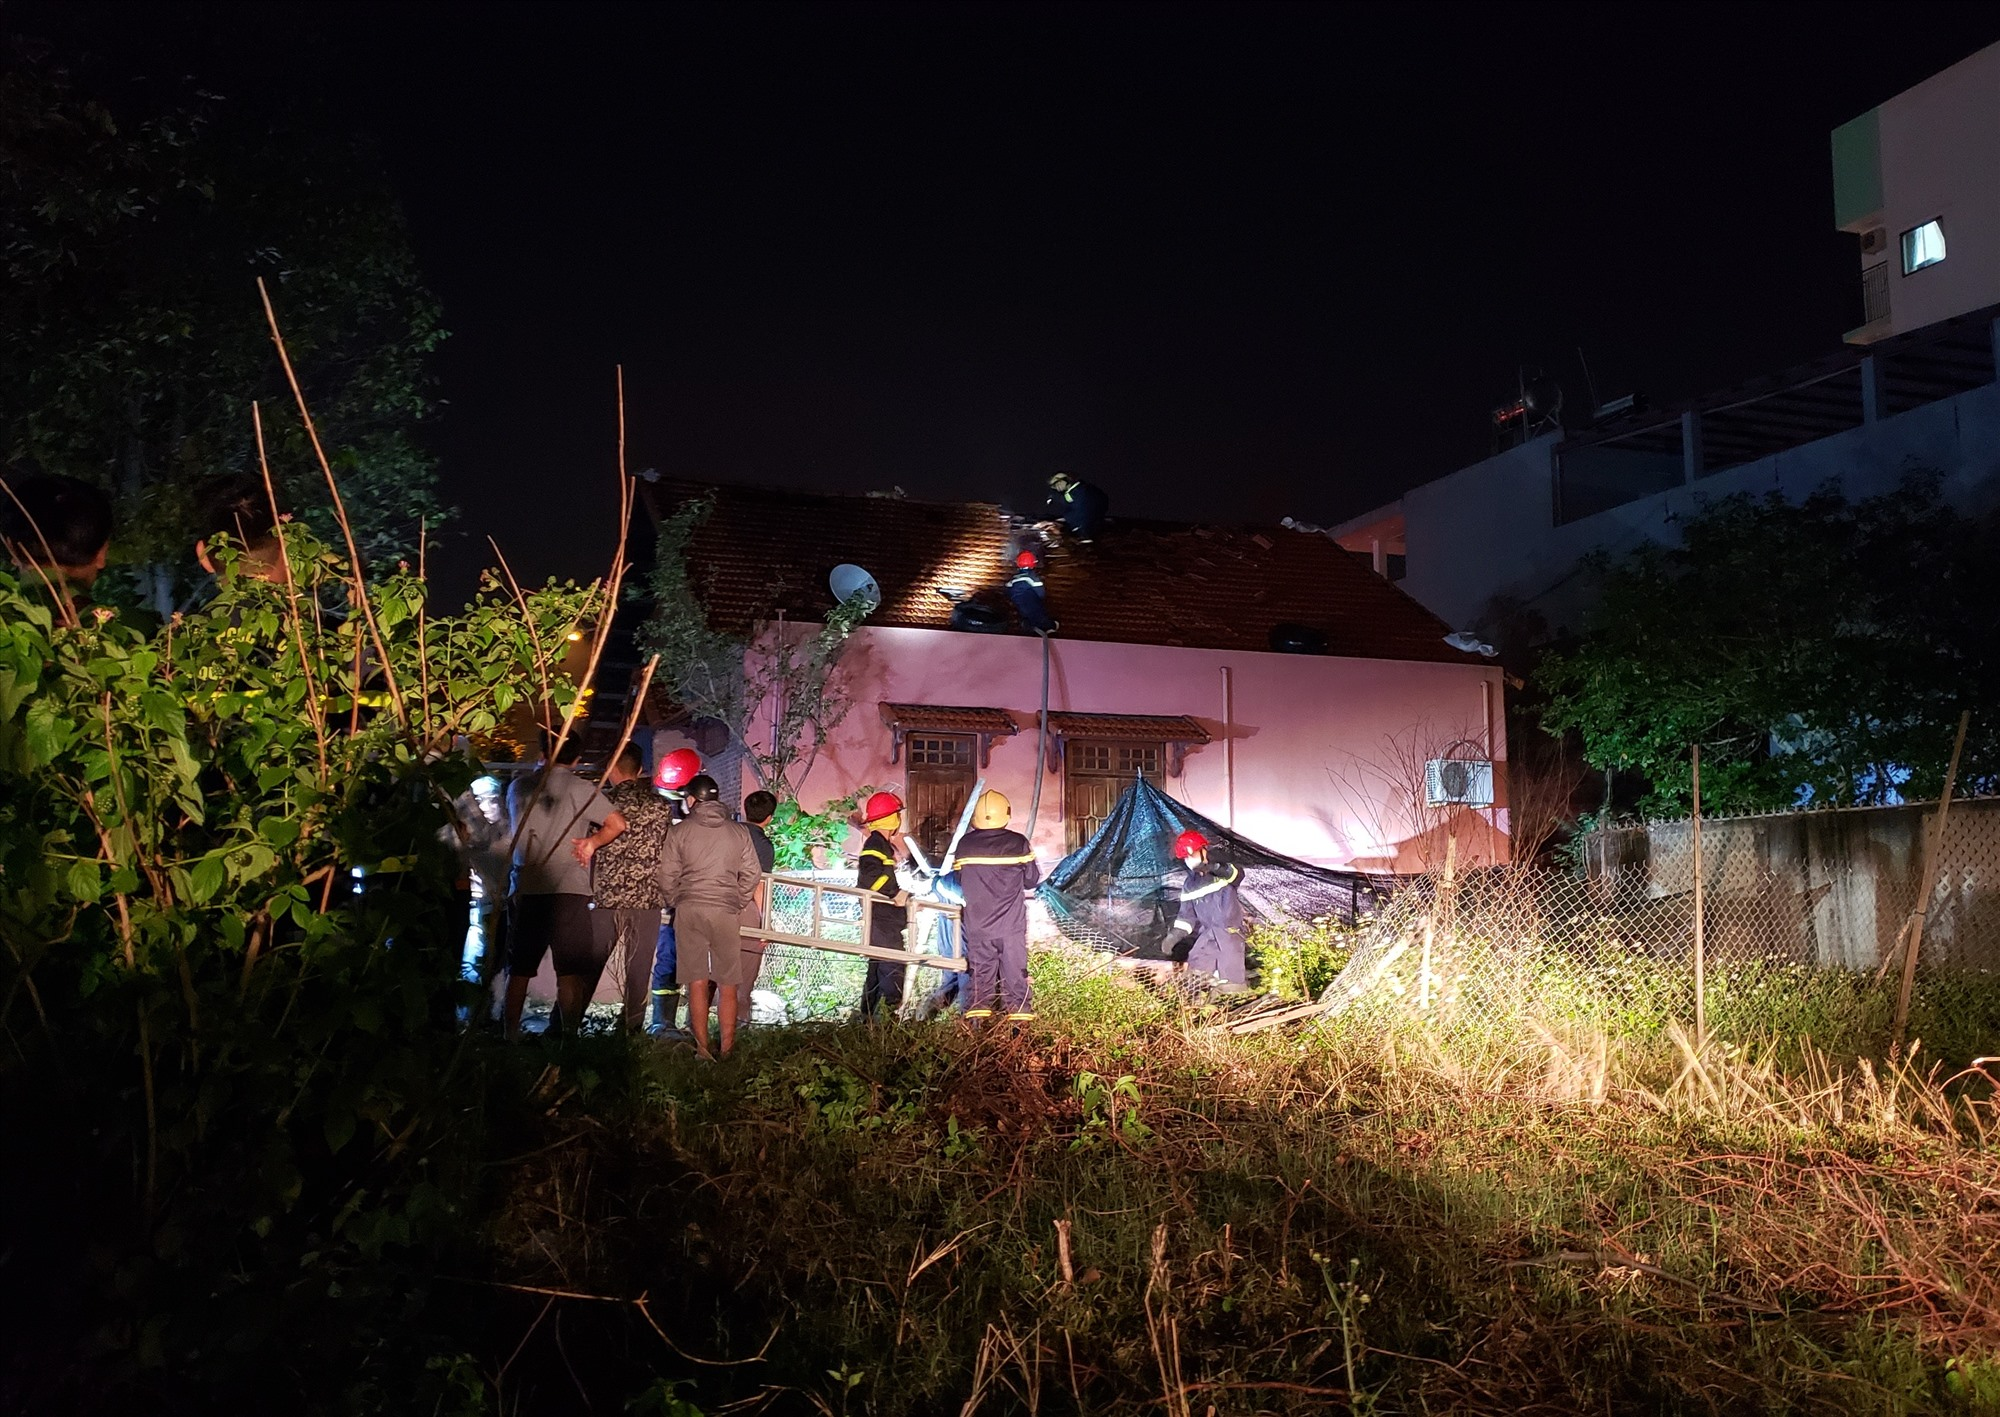 Lực lượng cảnh sát phòng cháy chữa cháy khống chế ngọn lửa. Ảnh: HOÀI AN